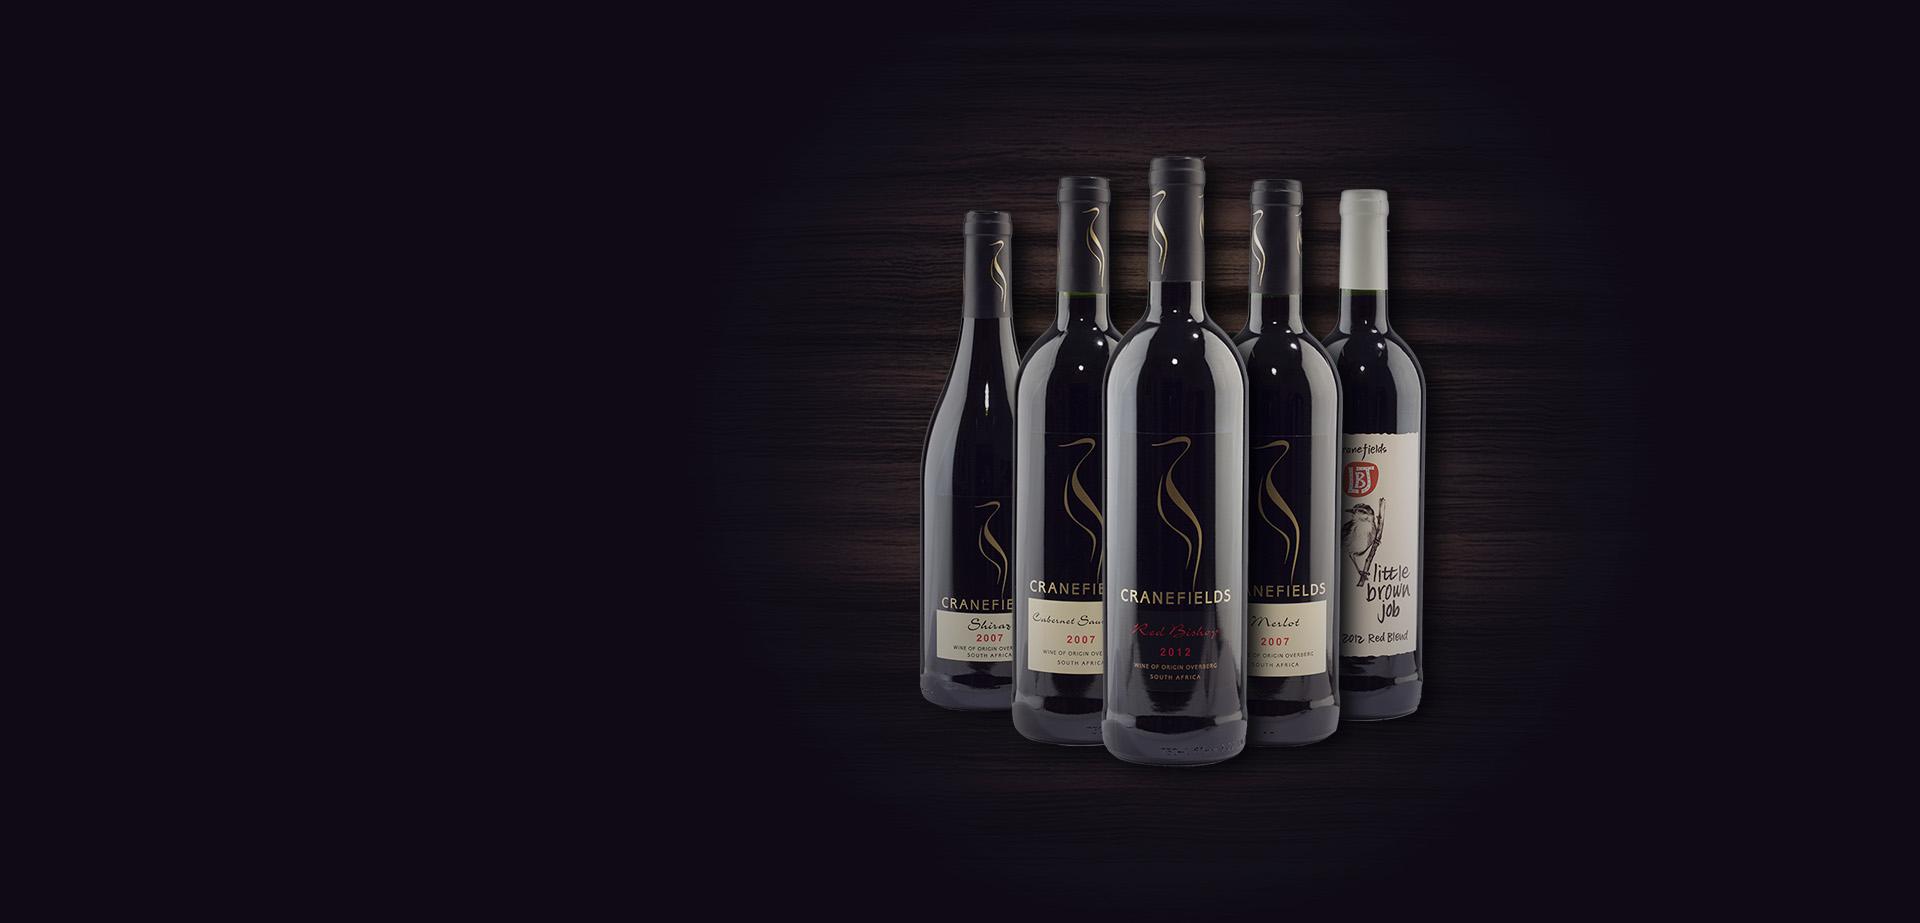 Rotwein aus dem Wein-Shop Südafrikas von Cranefields